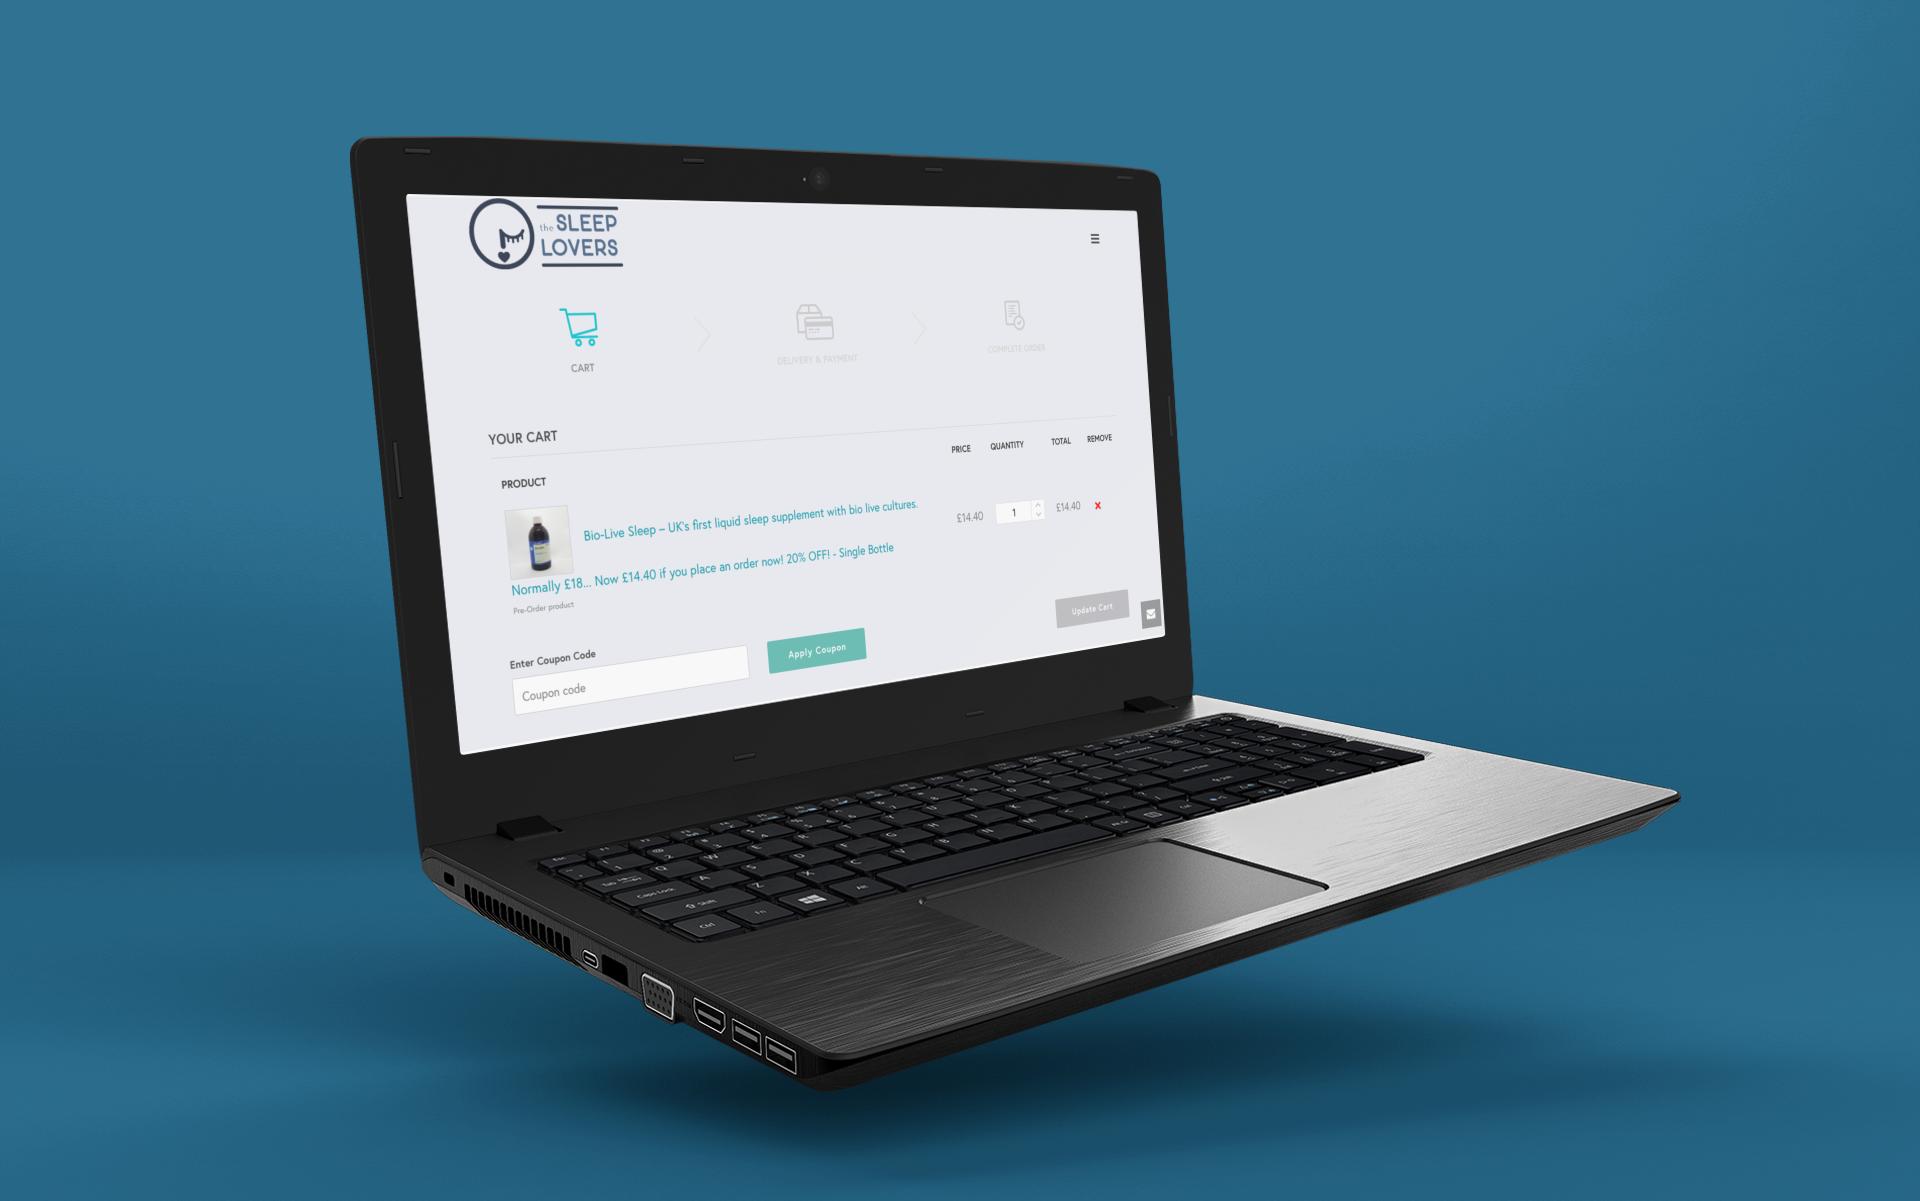 render-mockup-of-a-floating-acer-aspire-windows-laptop-25065